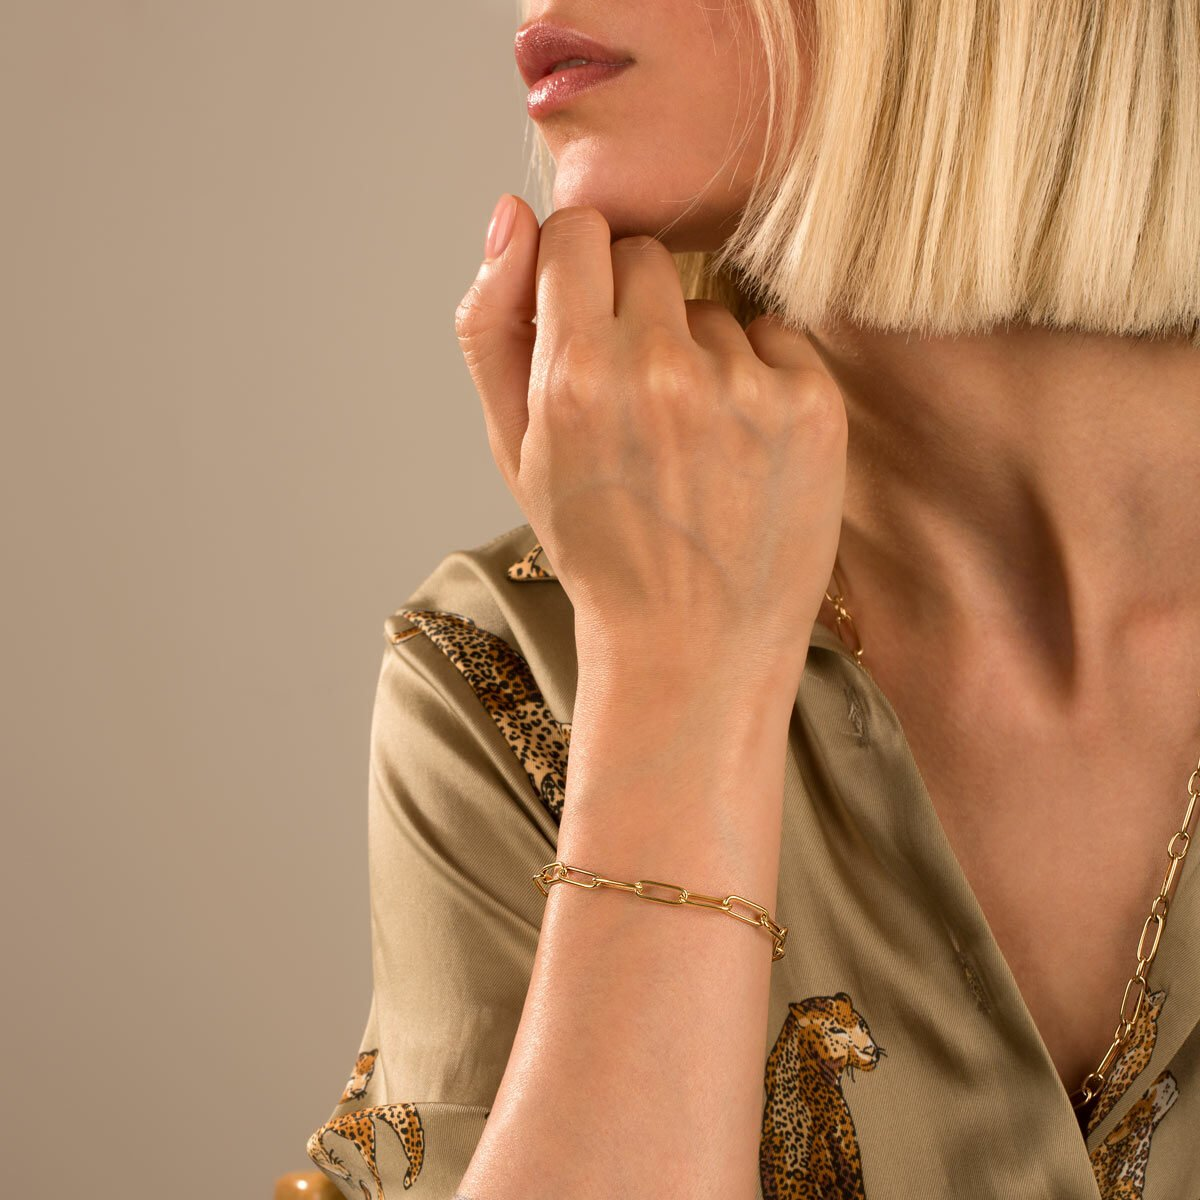 دستبند زنجیری طلا کادنا